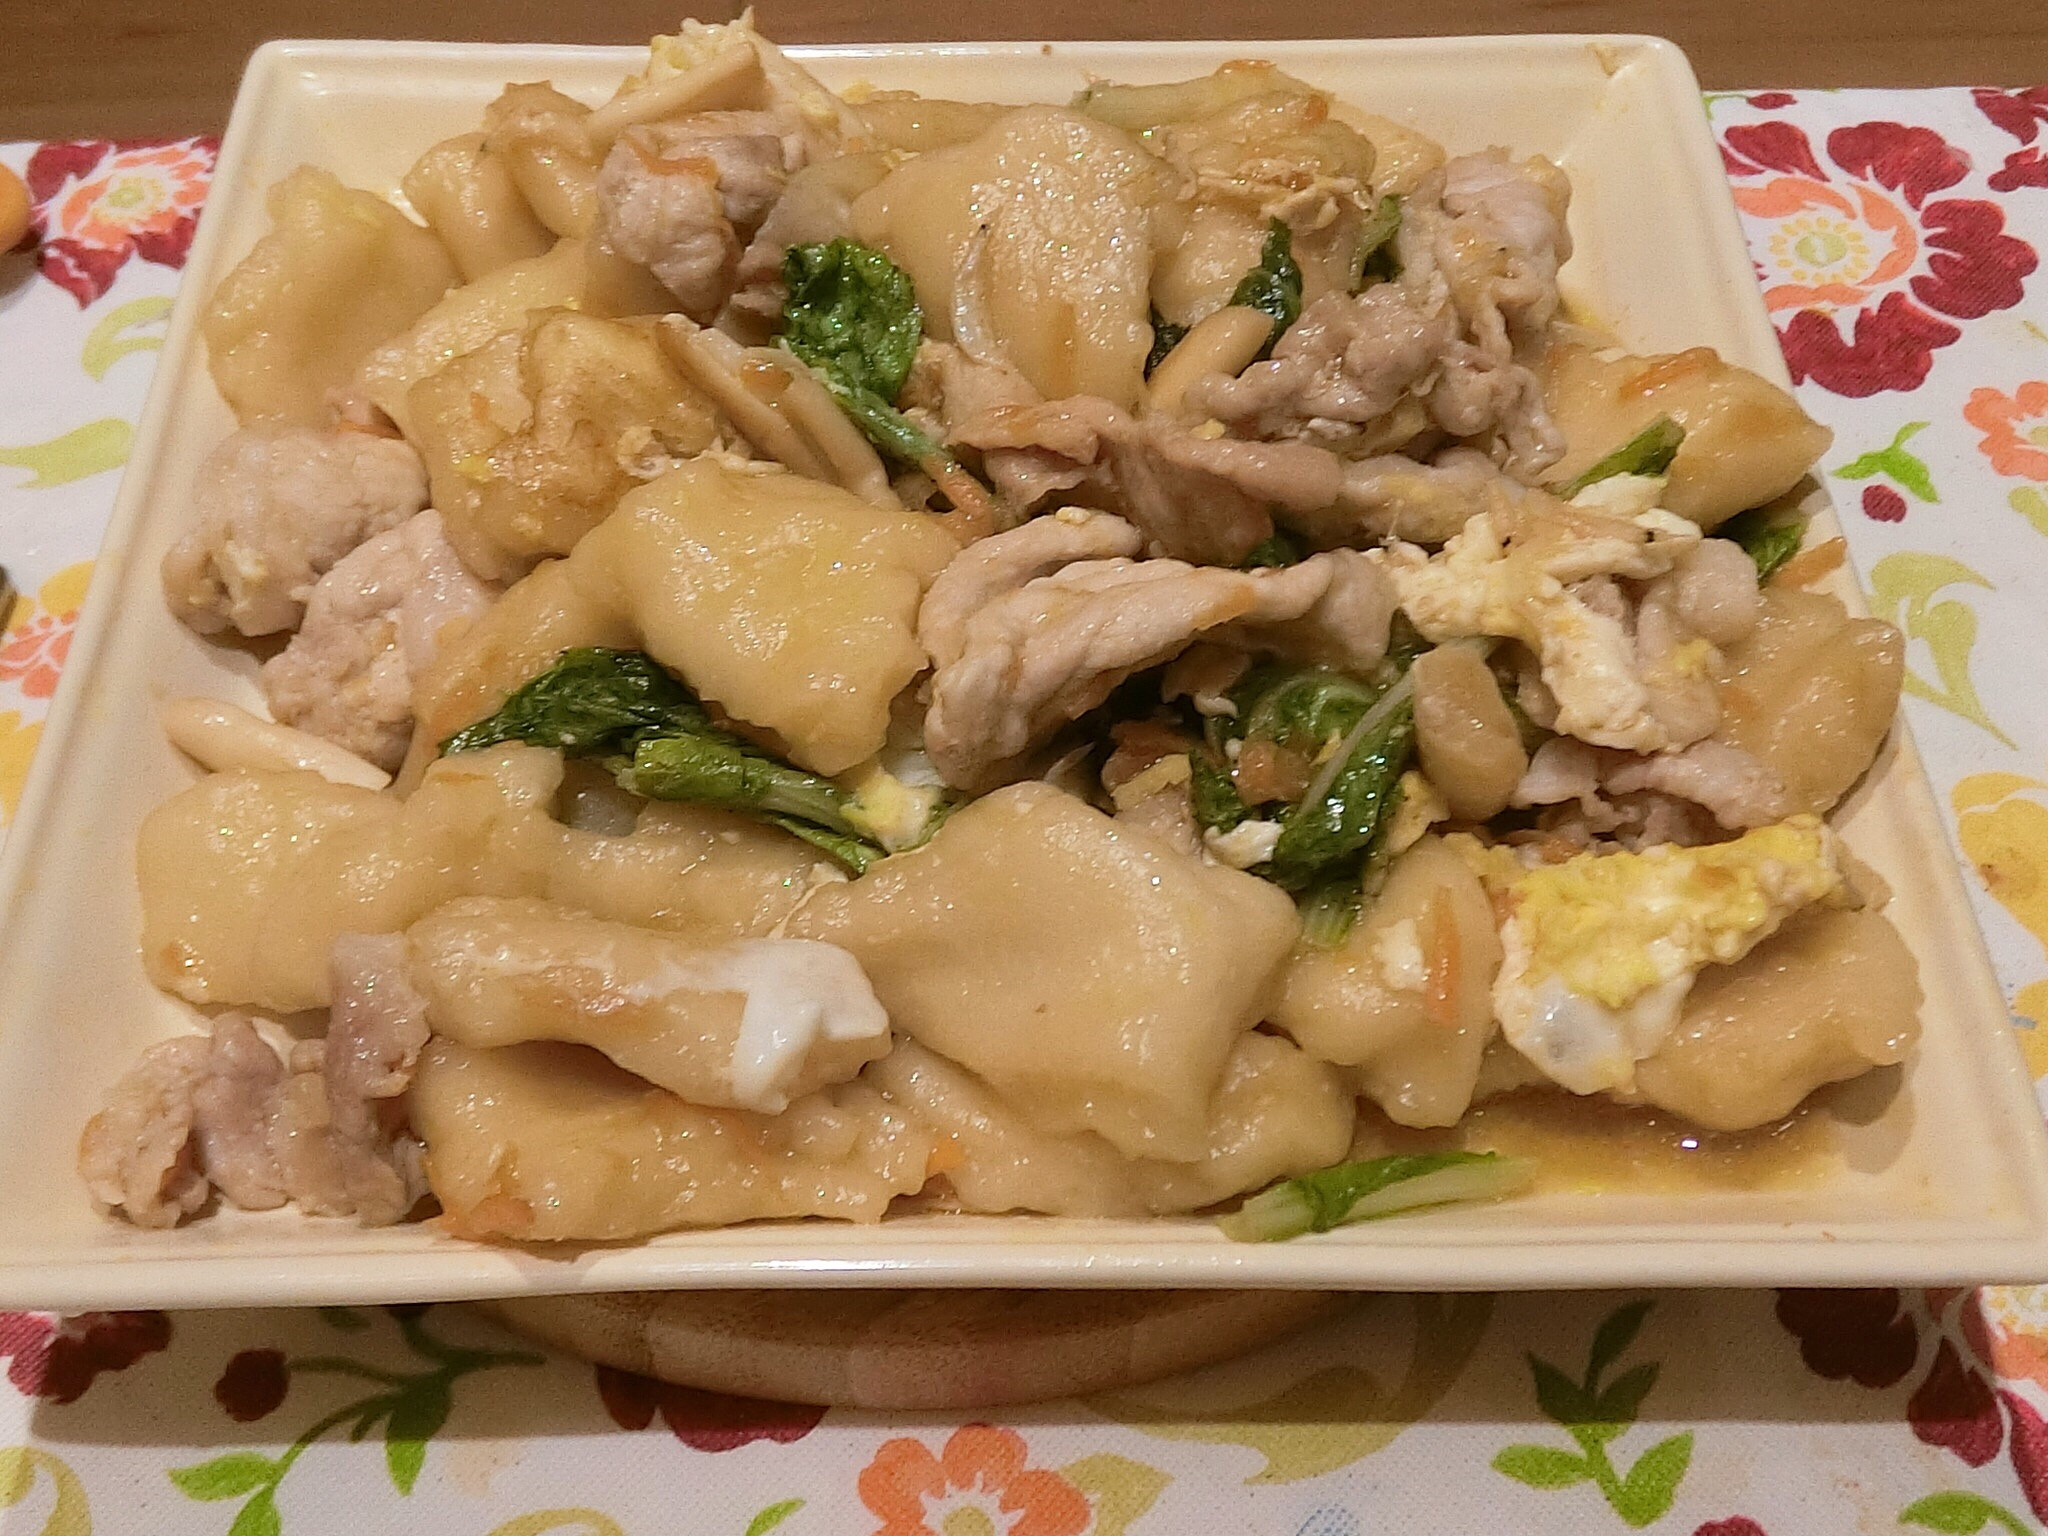 肉片炒麵疙瘩